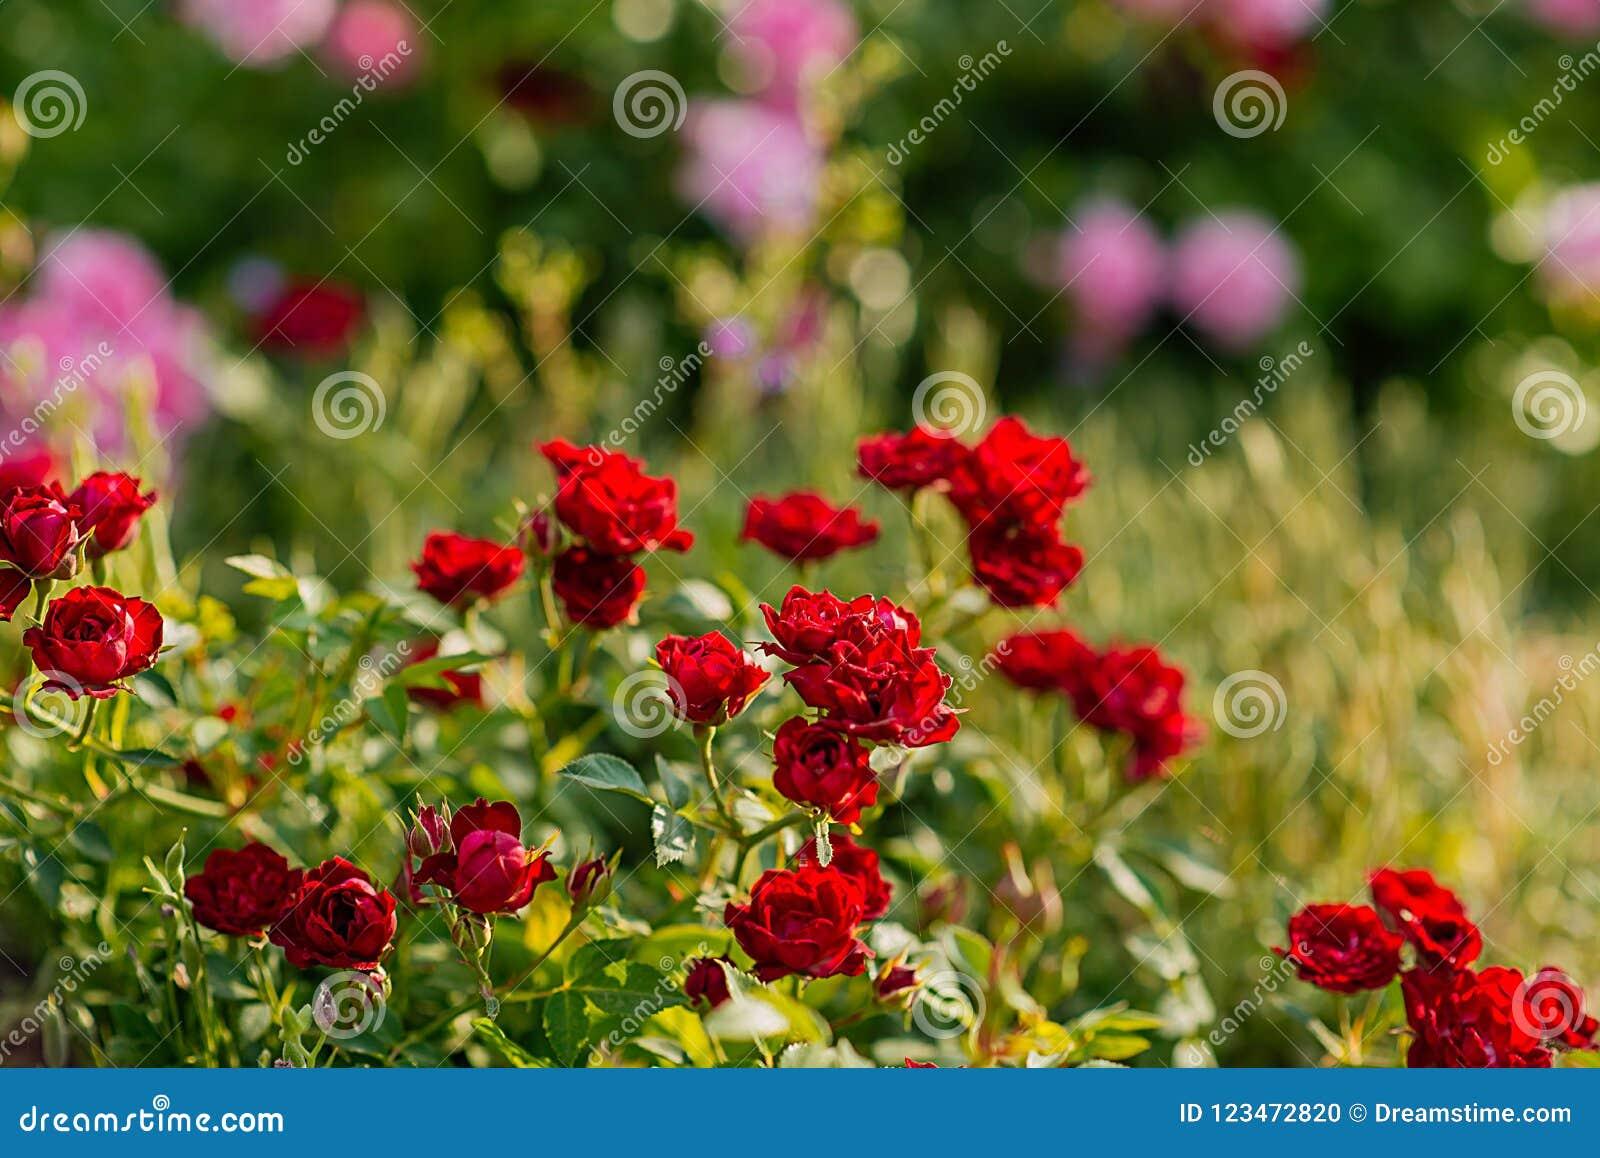 Los colores del verano, rosas en el jardín